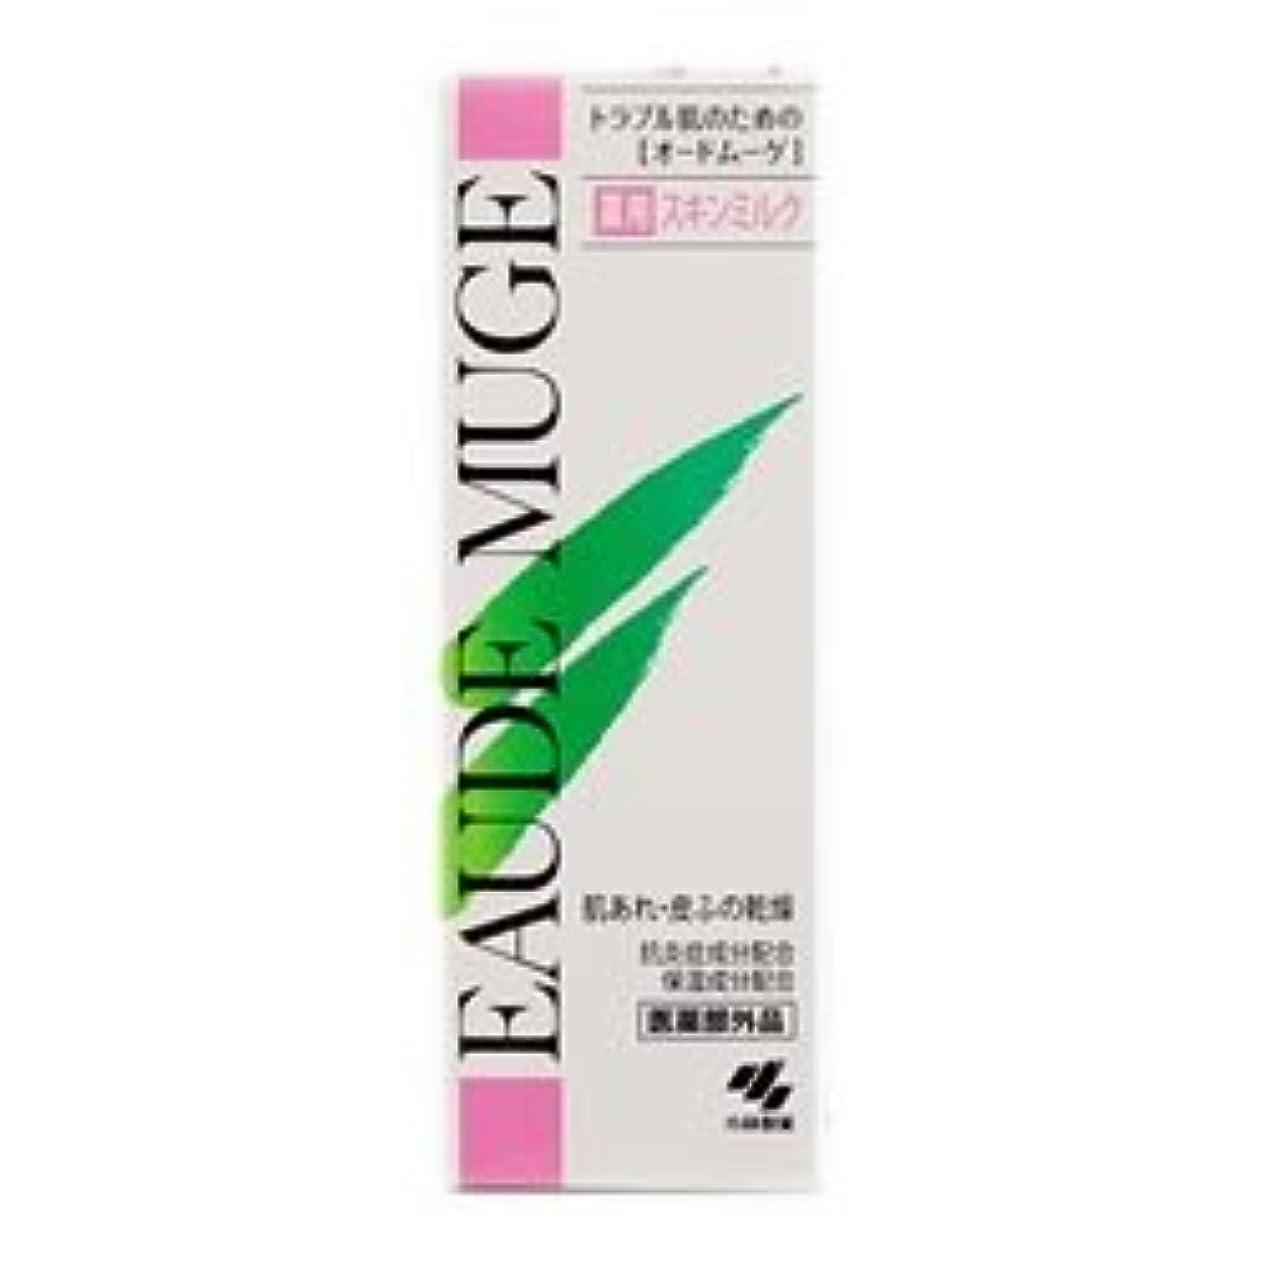 理容室軽蔑人気【小林製薬】オードムーゲ薬用スキンミルク 100g ×3個セット